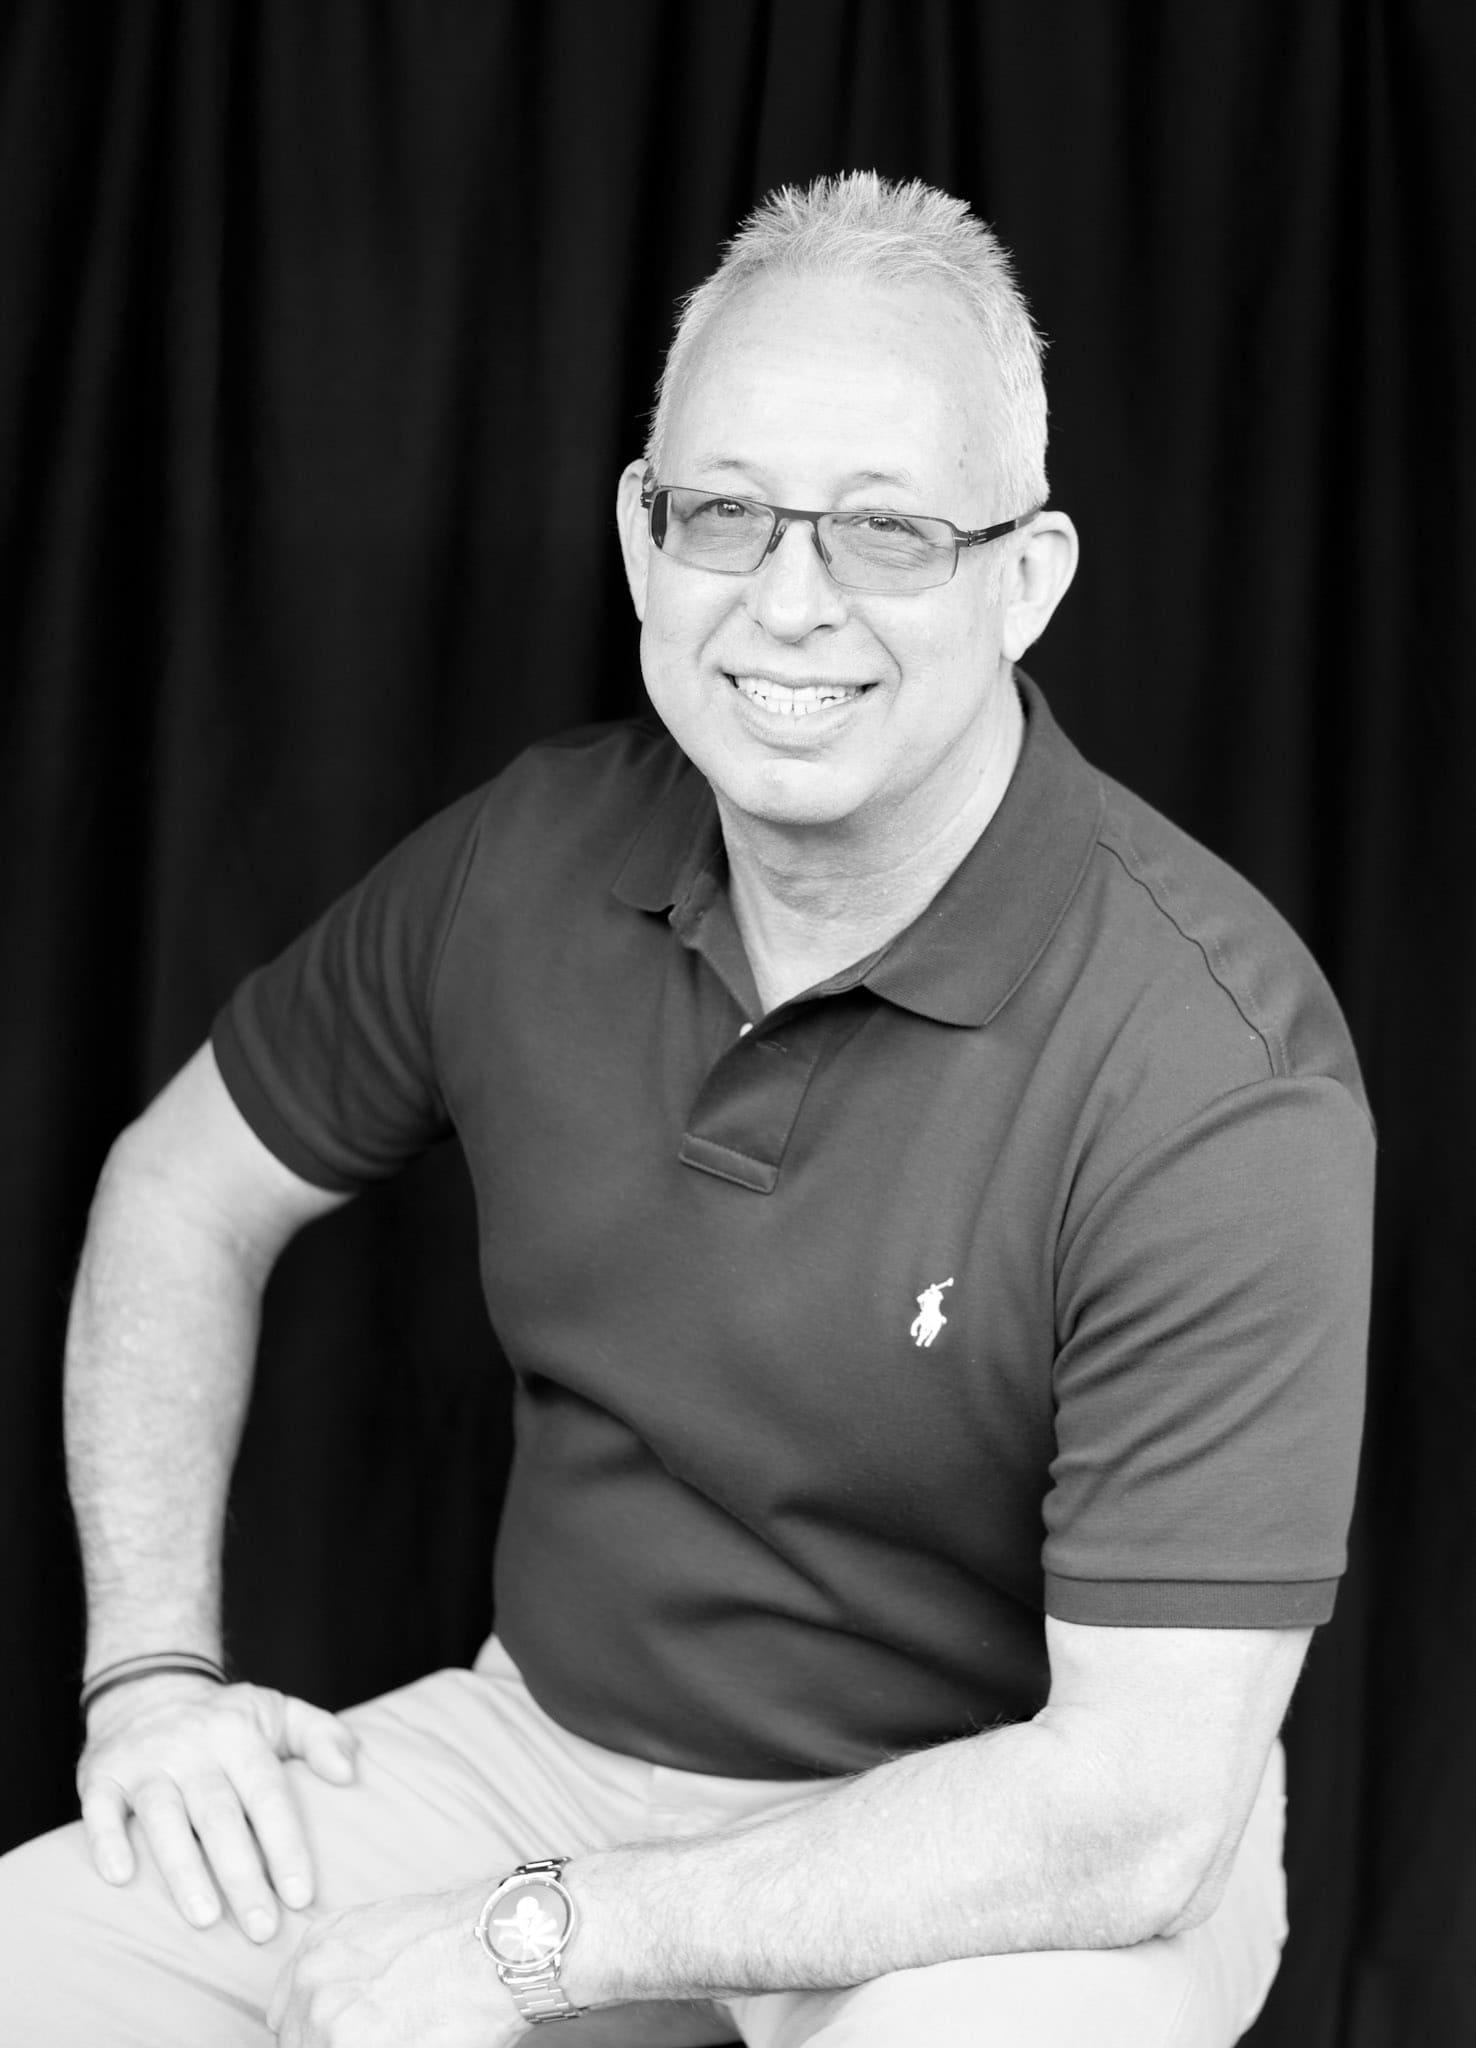 Eric Paciaroni, Owner of Tallgrass Kitchen & Bath